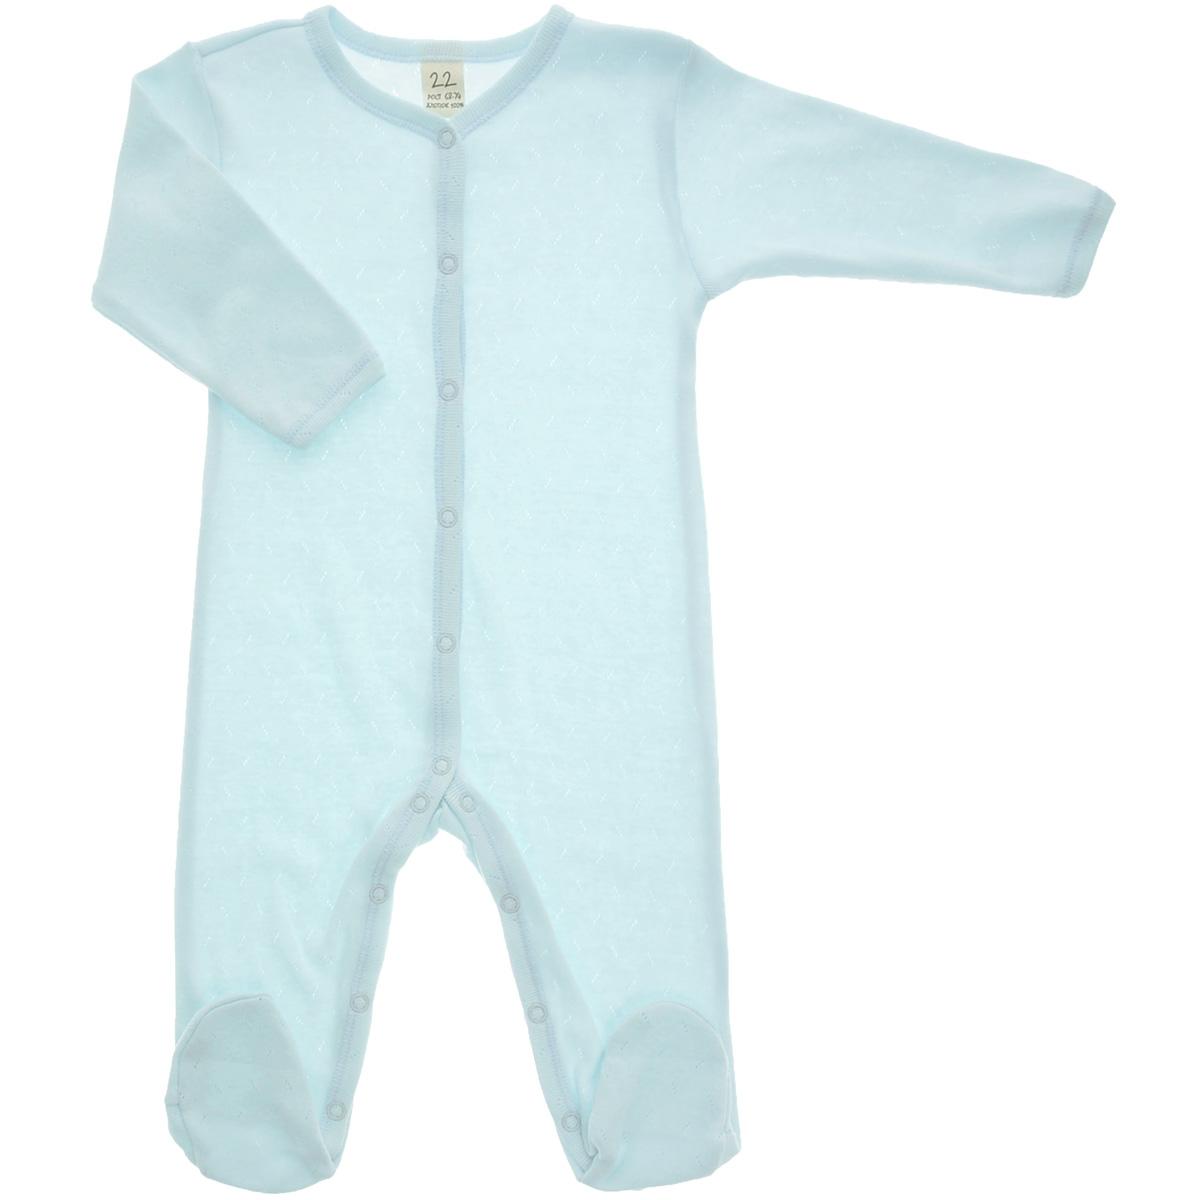 Комбинезон детский Ажур. 0-120-12Детский комбинезон Lucky Child - очень удобный и практичный вид одежды для малышей. Комбинезон выполнен из натурального хлопка, благодаря чему он необычайно мягкий и приятный на ощупь, не раздражают нежную кожу ребенка и хорошо вентилируются, а эластичные швы приятны телу малыша и не препятствуют его движениям. Комбинезон с длинными рукавами и закрытыми ножками имеет застежки-кнопки от горловины до щиколоток, которые помогают легко переодеть младенца или сменить подгузник. Модель выполнена из ткани с ажурным узором. С детским комбинезоном Lucky Child спинка и ножки вашего малыша всегда будут в тепле, он идеален для использования днем и незаменим ночью. Комбинезон полностью соответствует особенностям жизни младенца в ранний период, не стесняя и не ограничивая его в движениях!